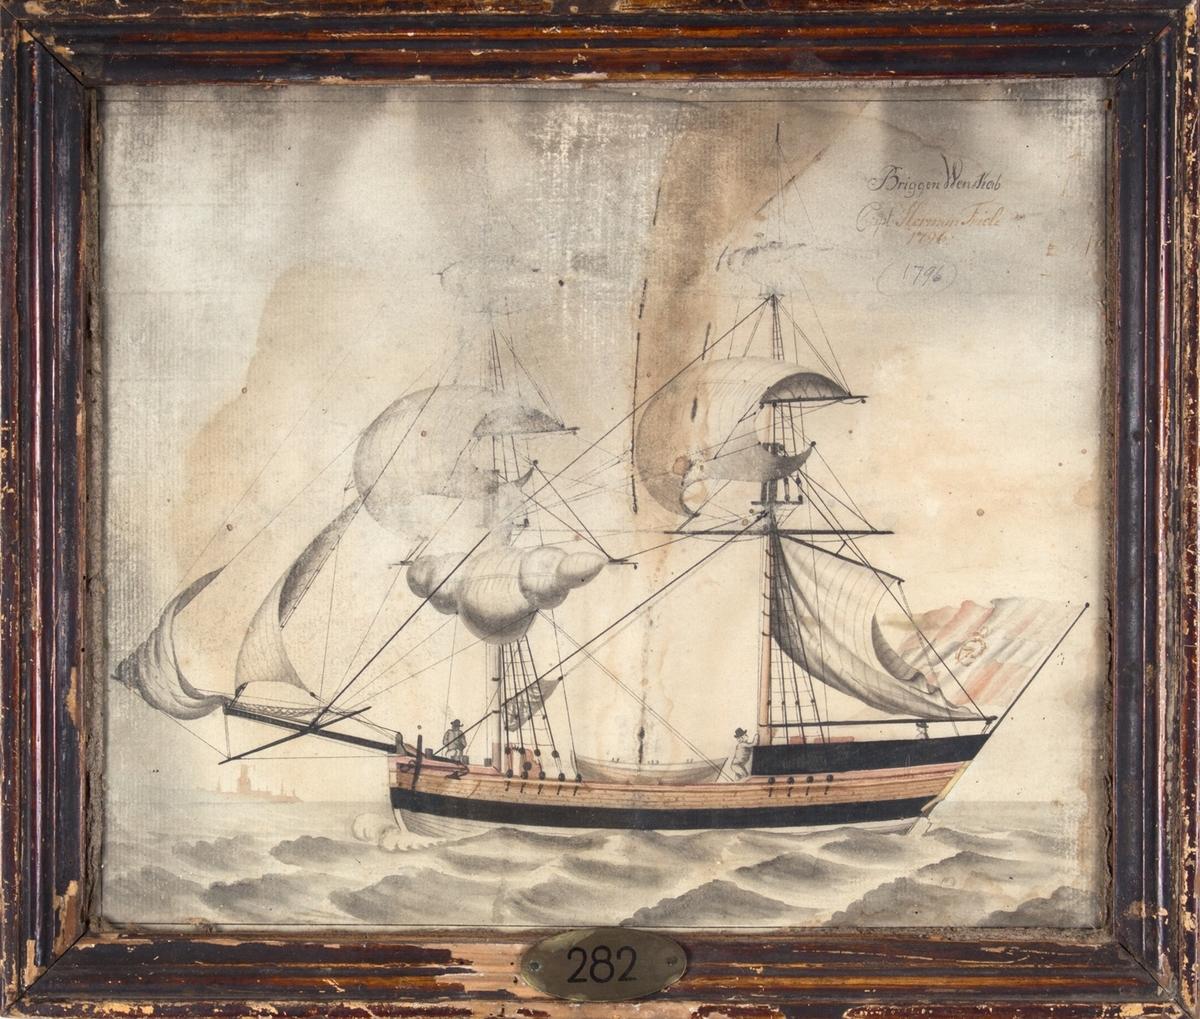 Skipsportrett av briggen WENSKAB. I akter fører skipet dansk handelsflagg med C7 i korset. I bakgrunnen til venstre i motivet skimtes spir og tårn fra en ukjent havn. Tre menn og en livbåt ombord på fartøyet.